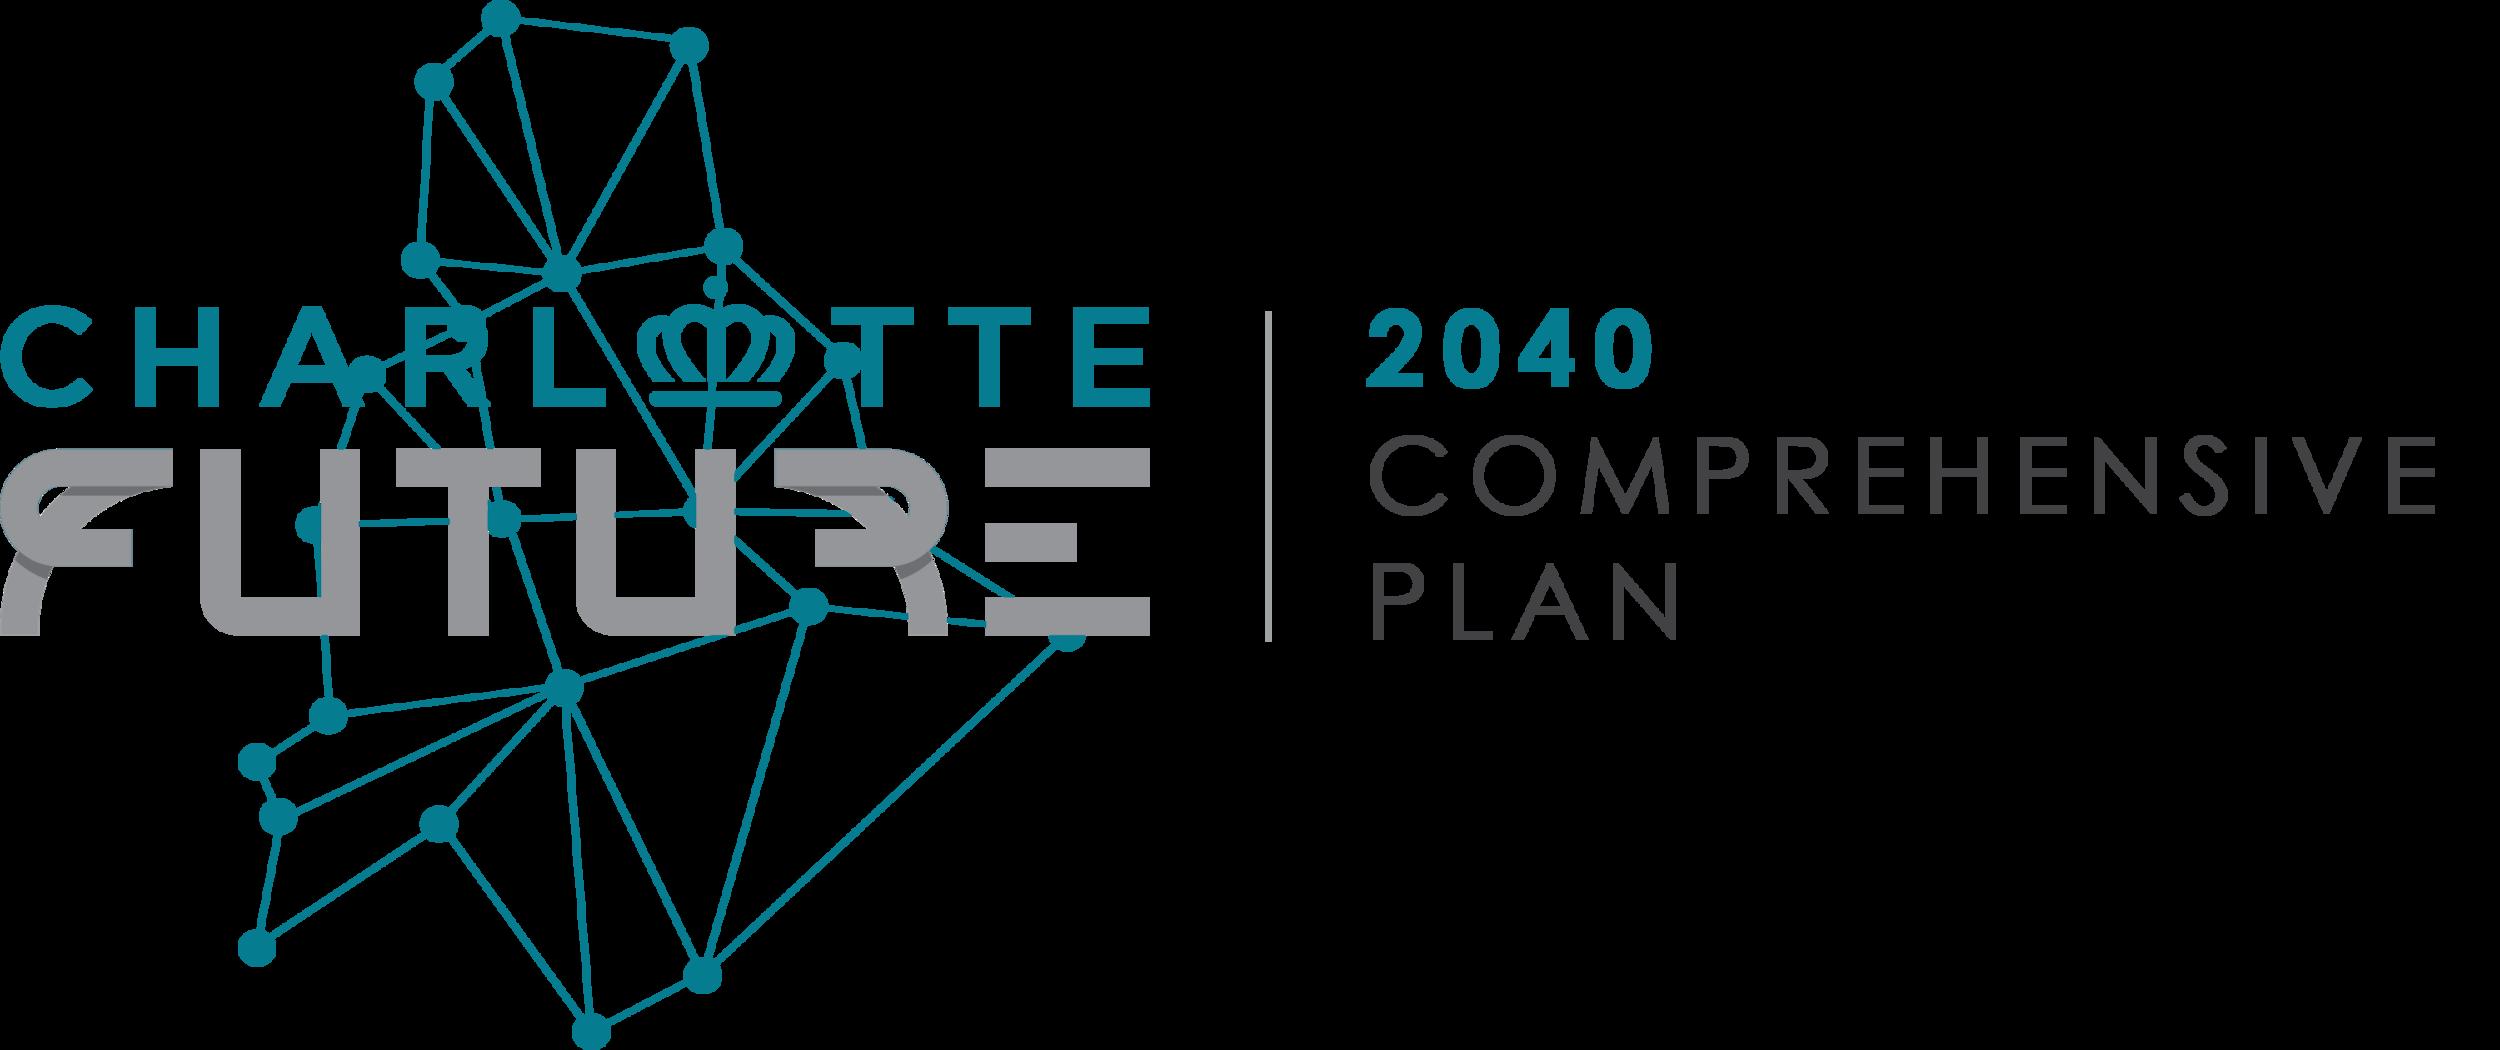 2040 plan 1.PNG